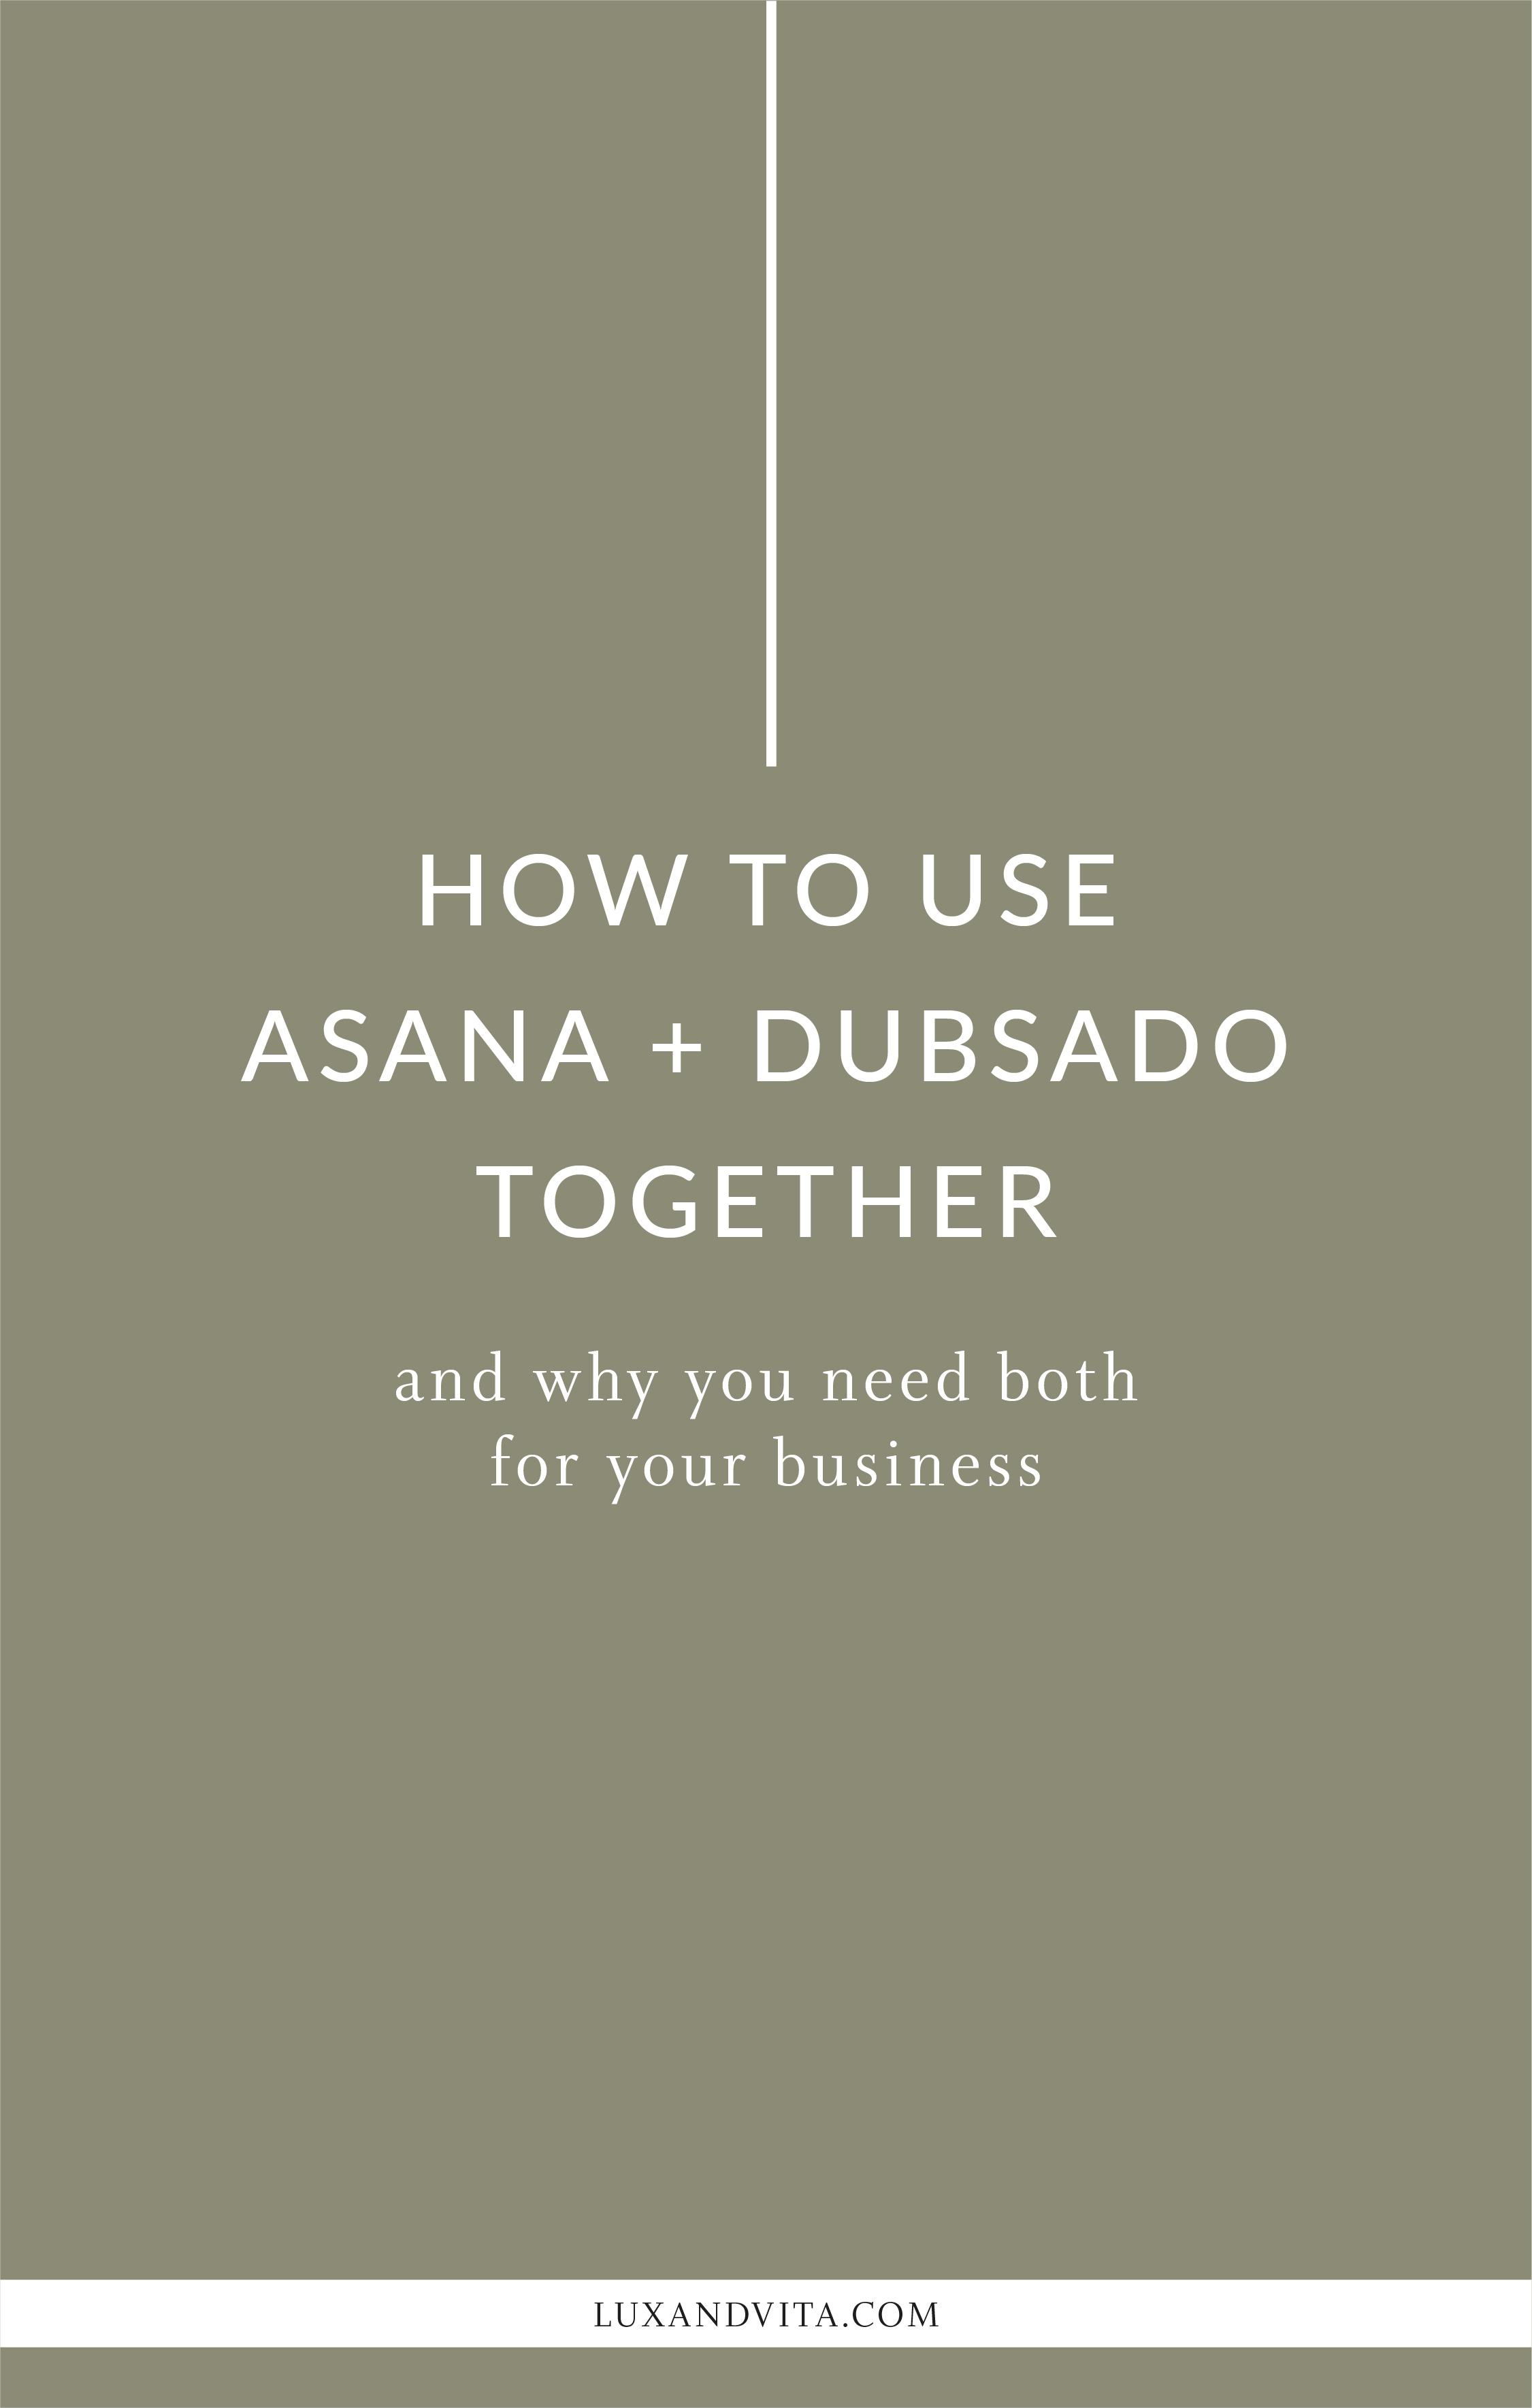 How to use Dubsado + Asana + why you need both_Pinterest 2.jpg